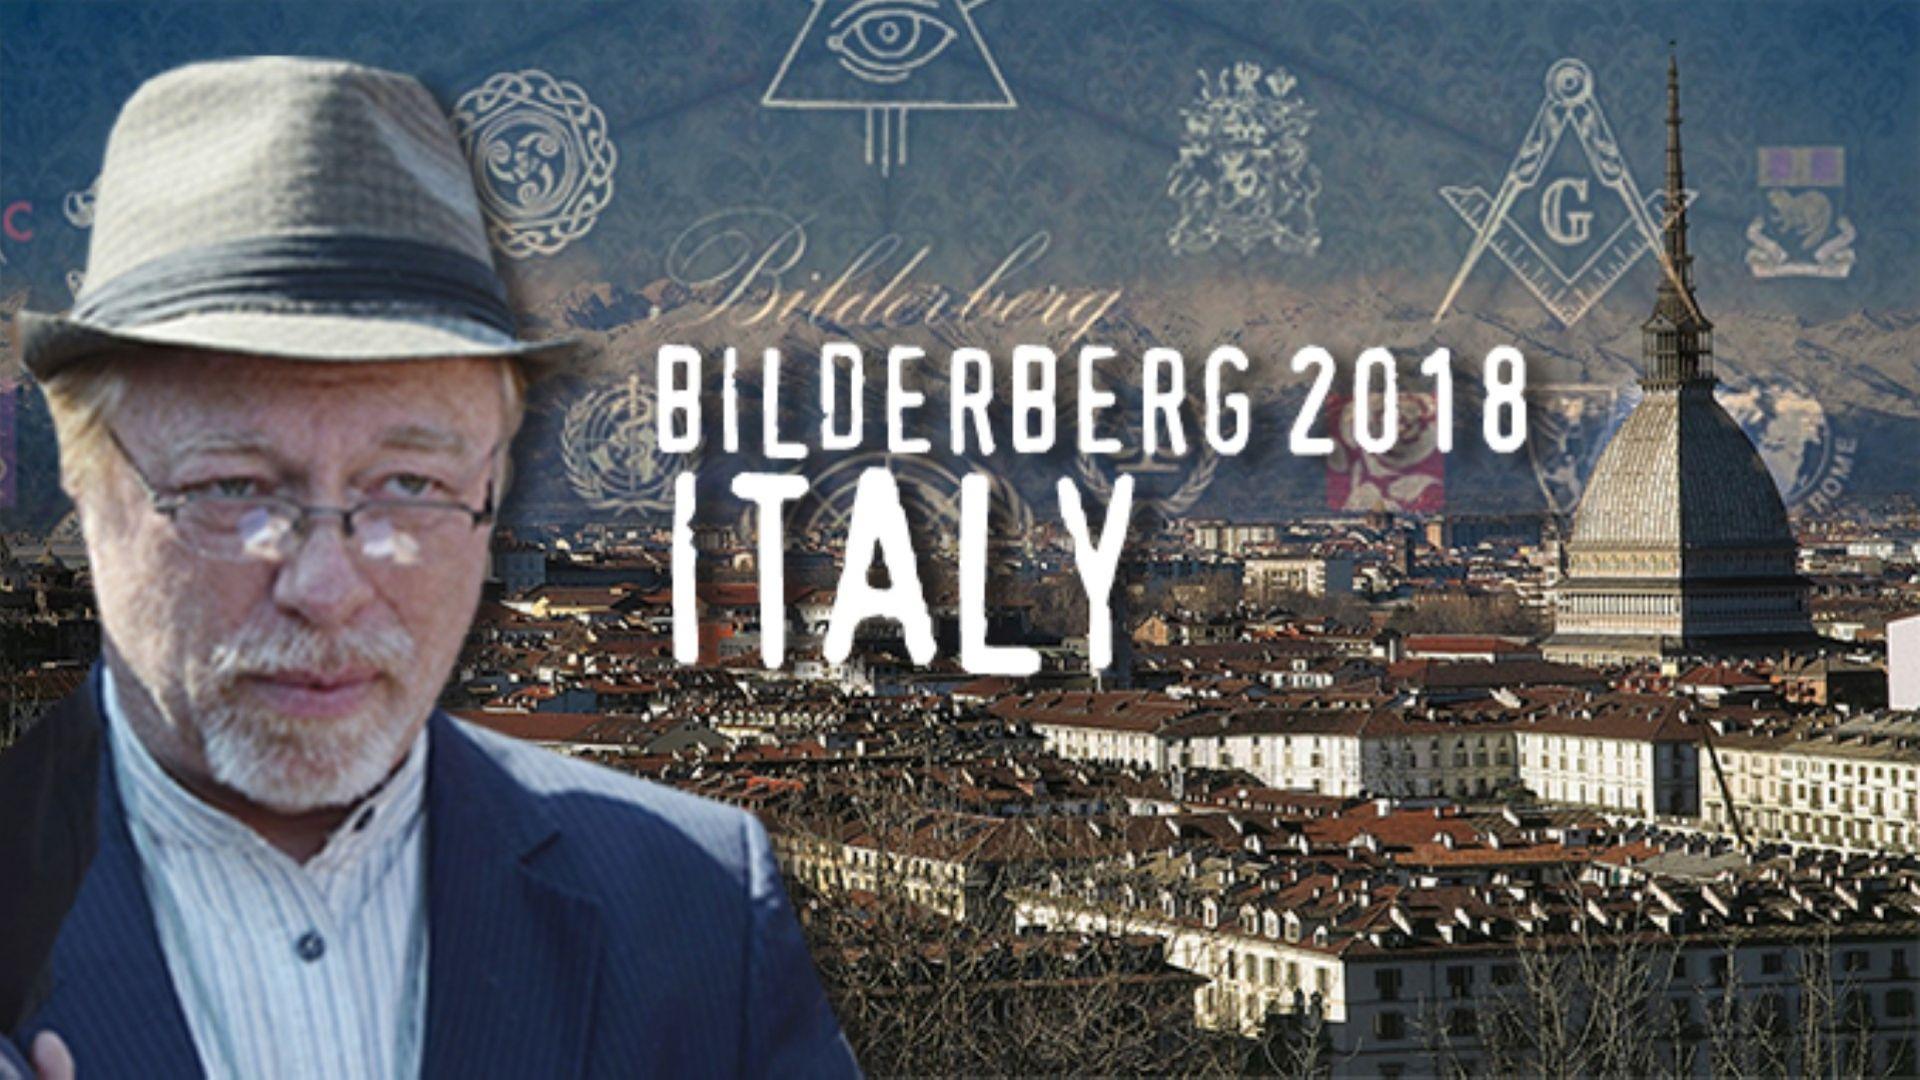 Започна срещата на Билдербергския клуб в Торино